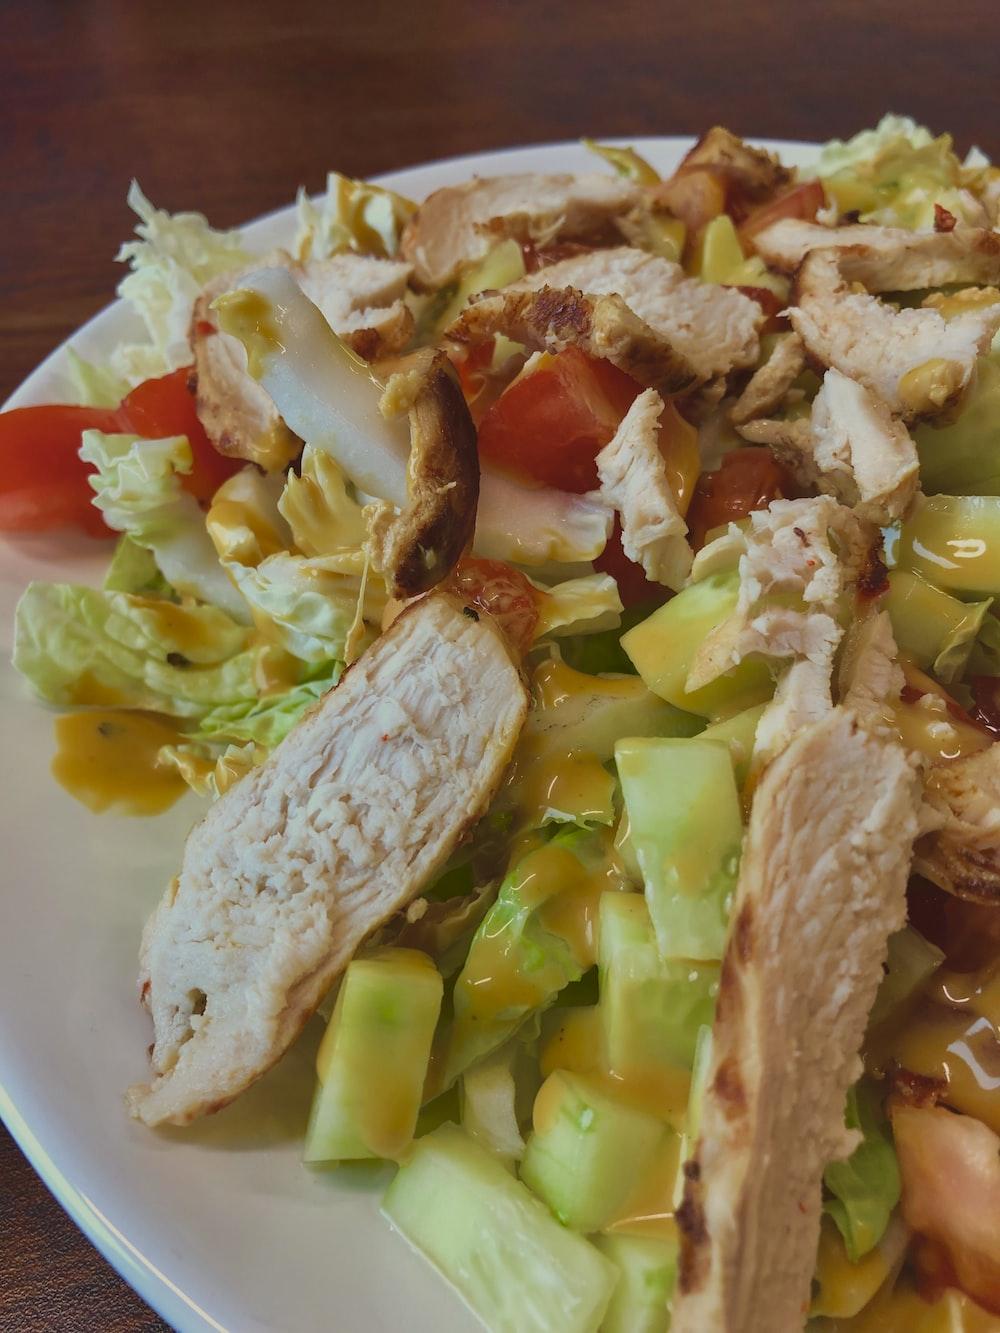 Healthy Salad Recipes: Five Easy and delicious salad